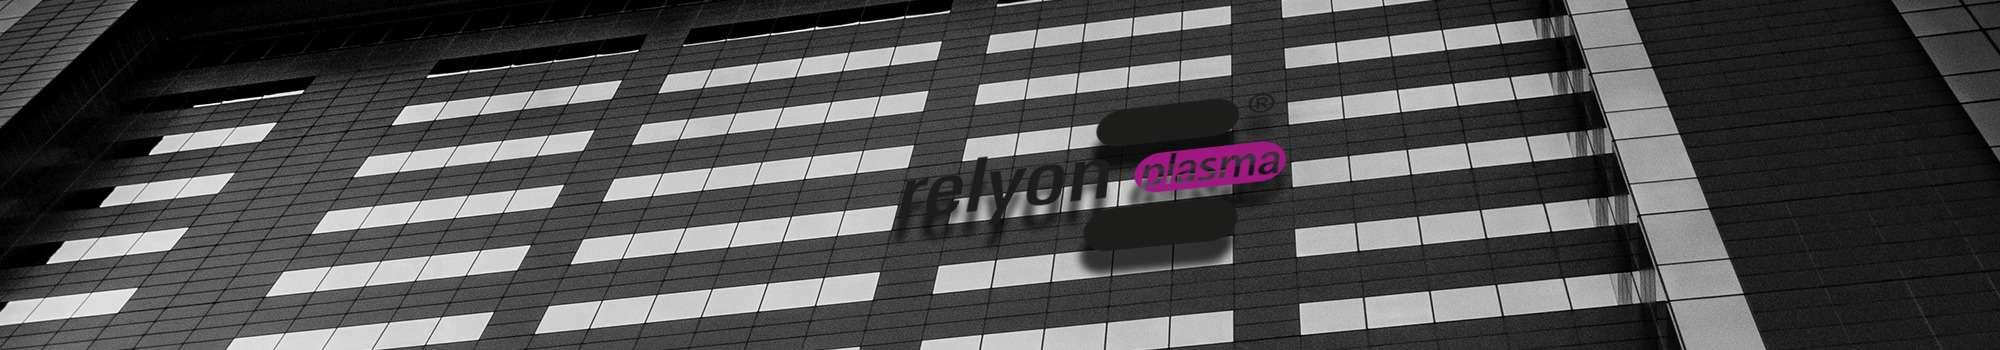 Relyon Plasma - Das Unternehmen